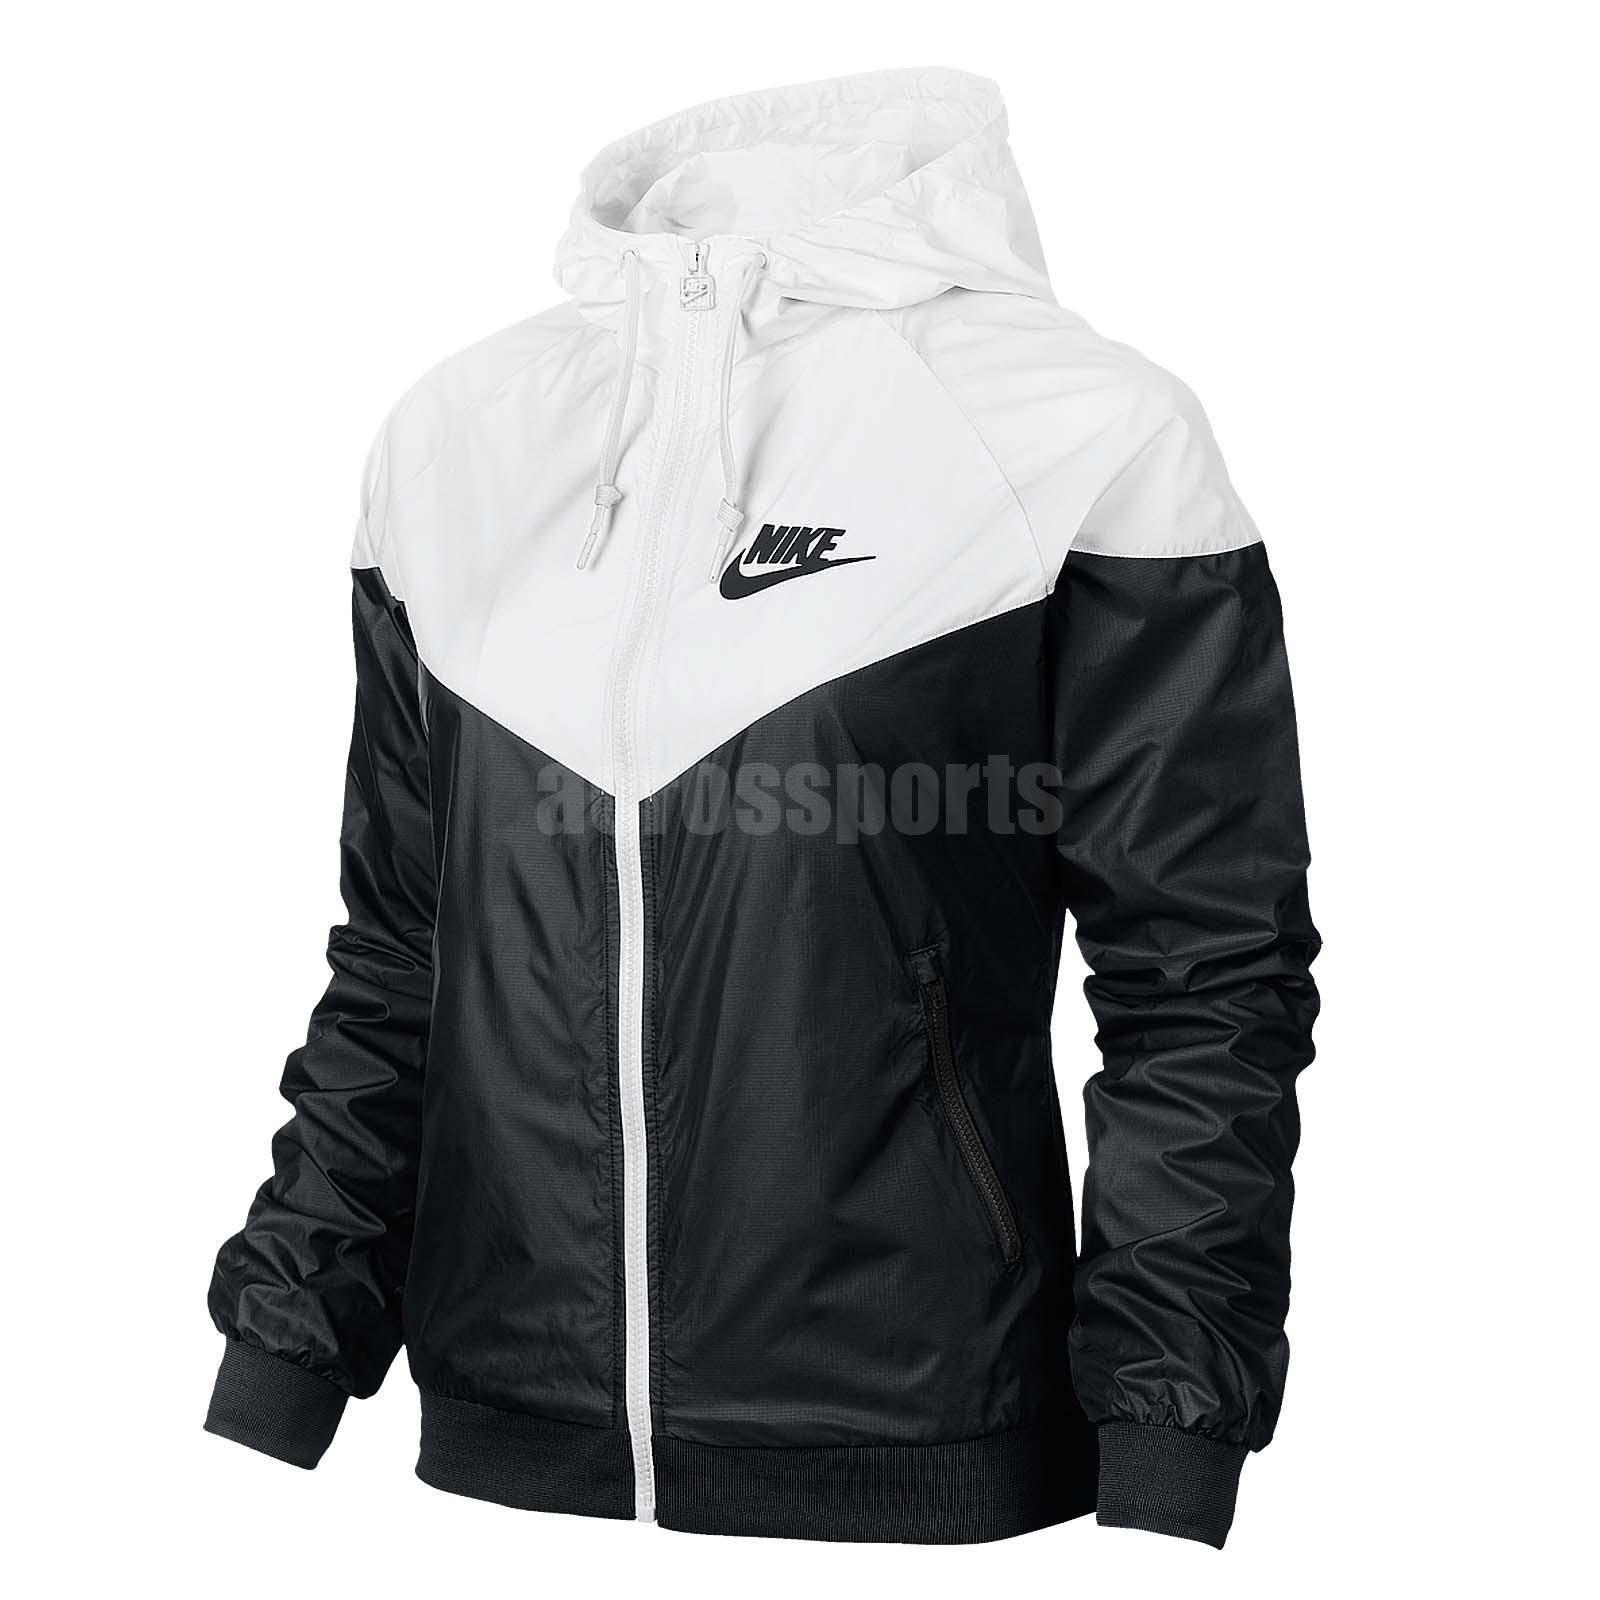 ASIAN SIZE Nike AS Windrunner White Black Windbreaker ...